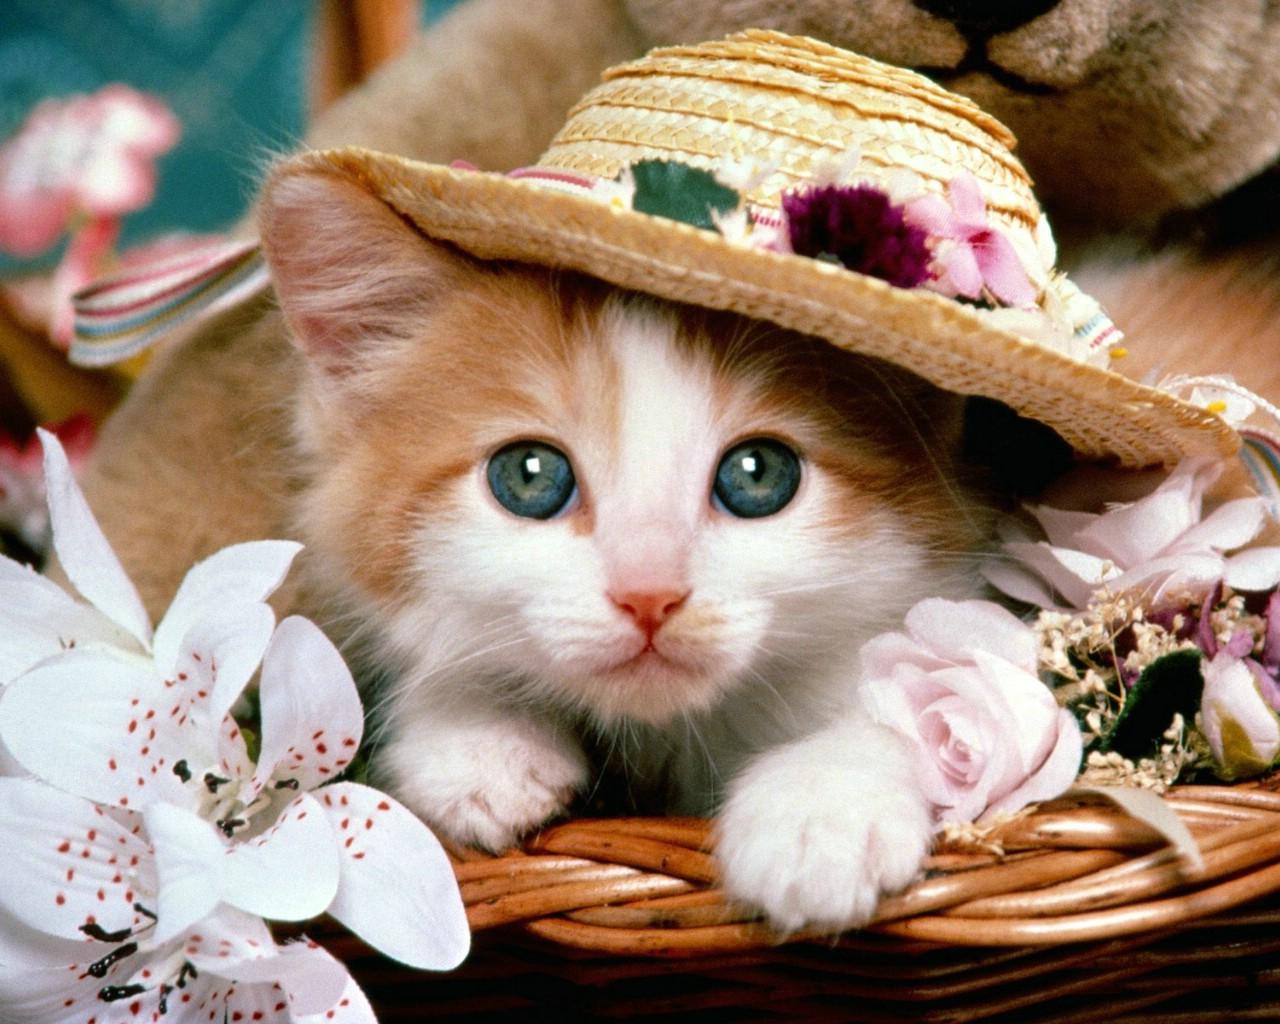 可爱图片全集_壁纸1280×1024可爱小猫桌面壁纸下载壁纸